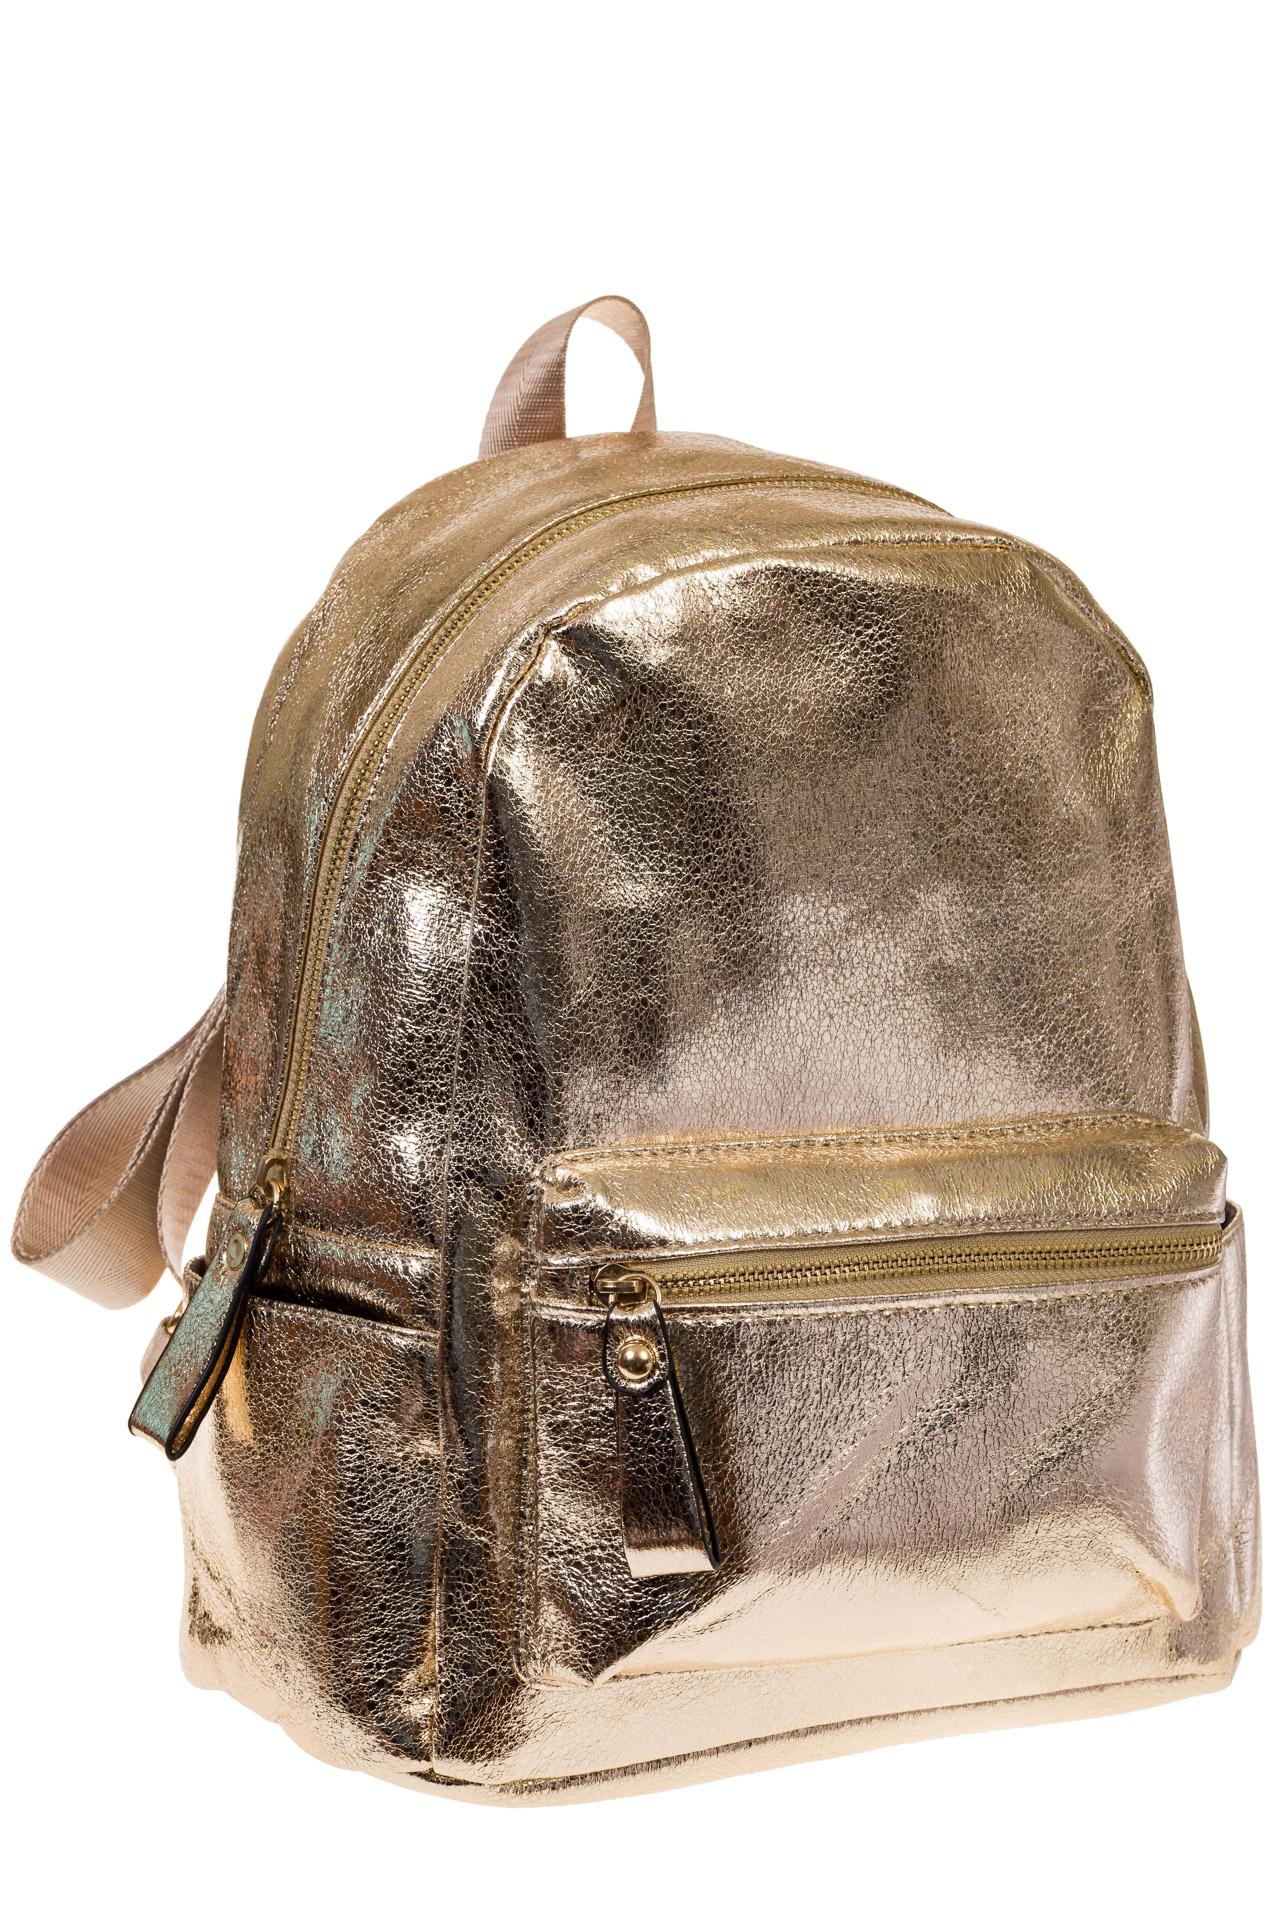 на фото Женский рюкзак из искусственной кожи золотистого цвета 025RJ5